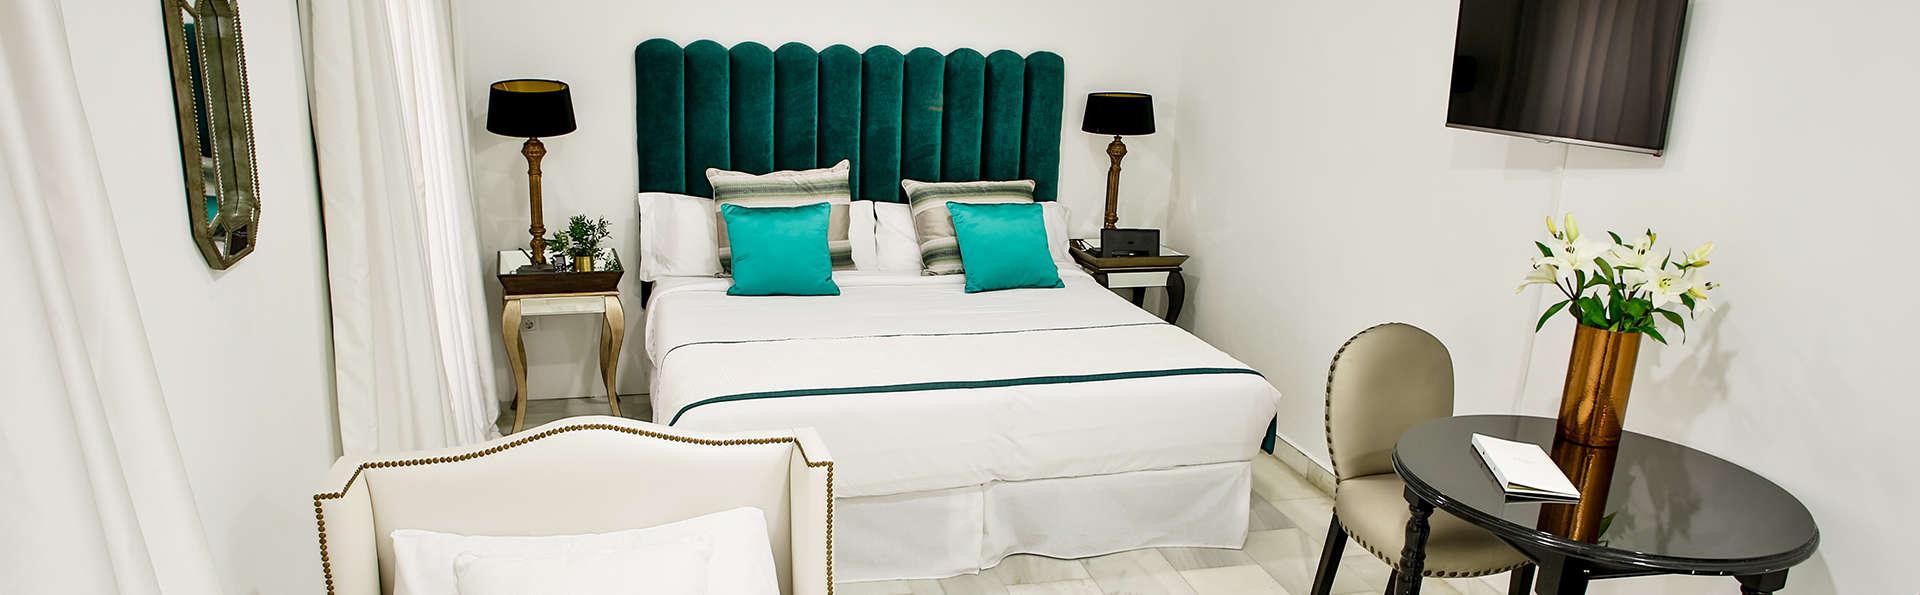 Elegancia y confort en un exclusivo apartamento en pleno corazón de Madrid